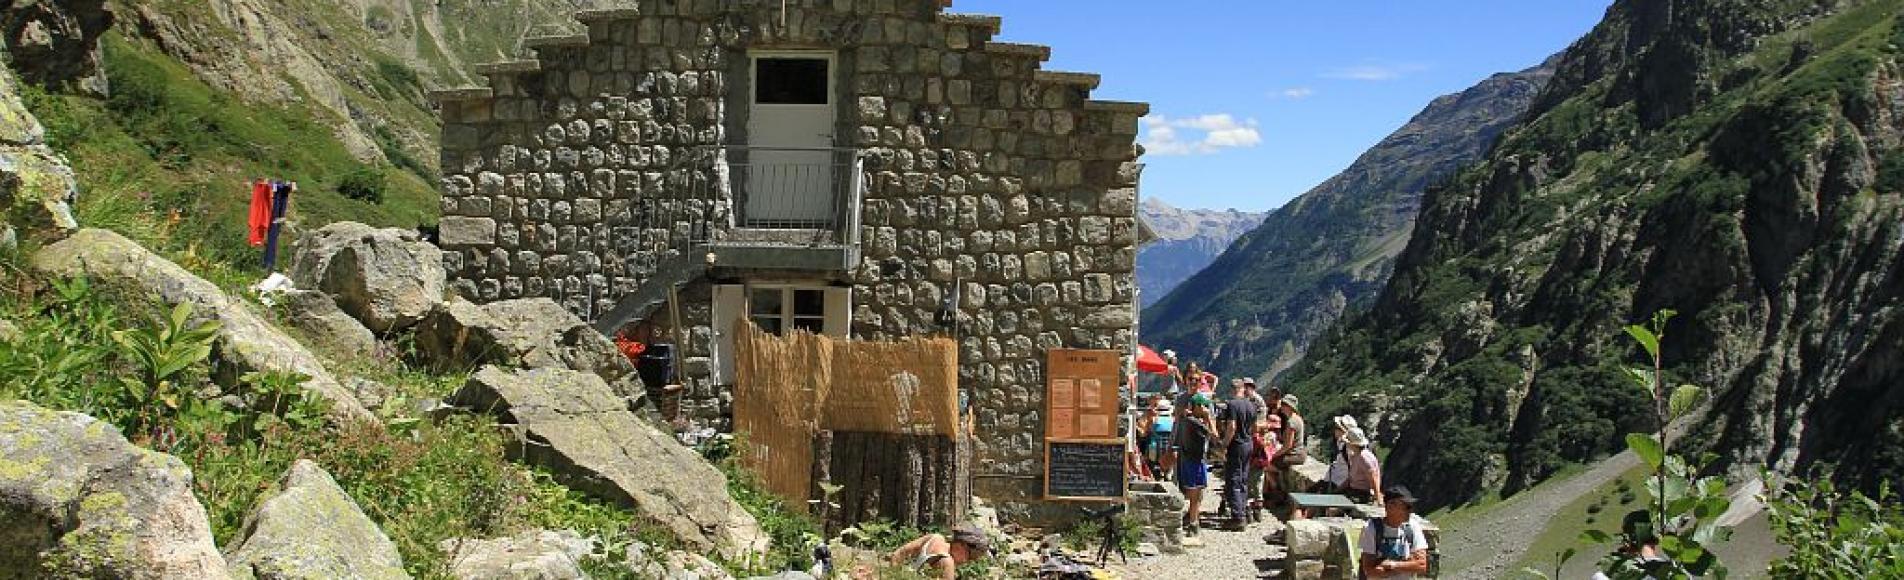 Refuge des Bans ©Jean-Philippe Telmon- Parc national des Ecrins